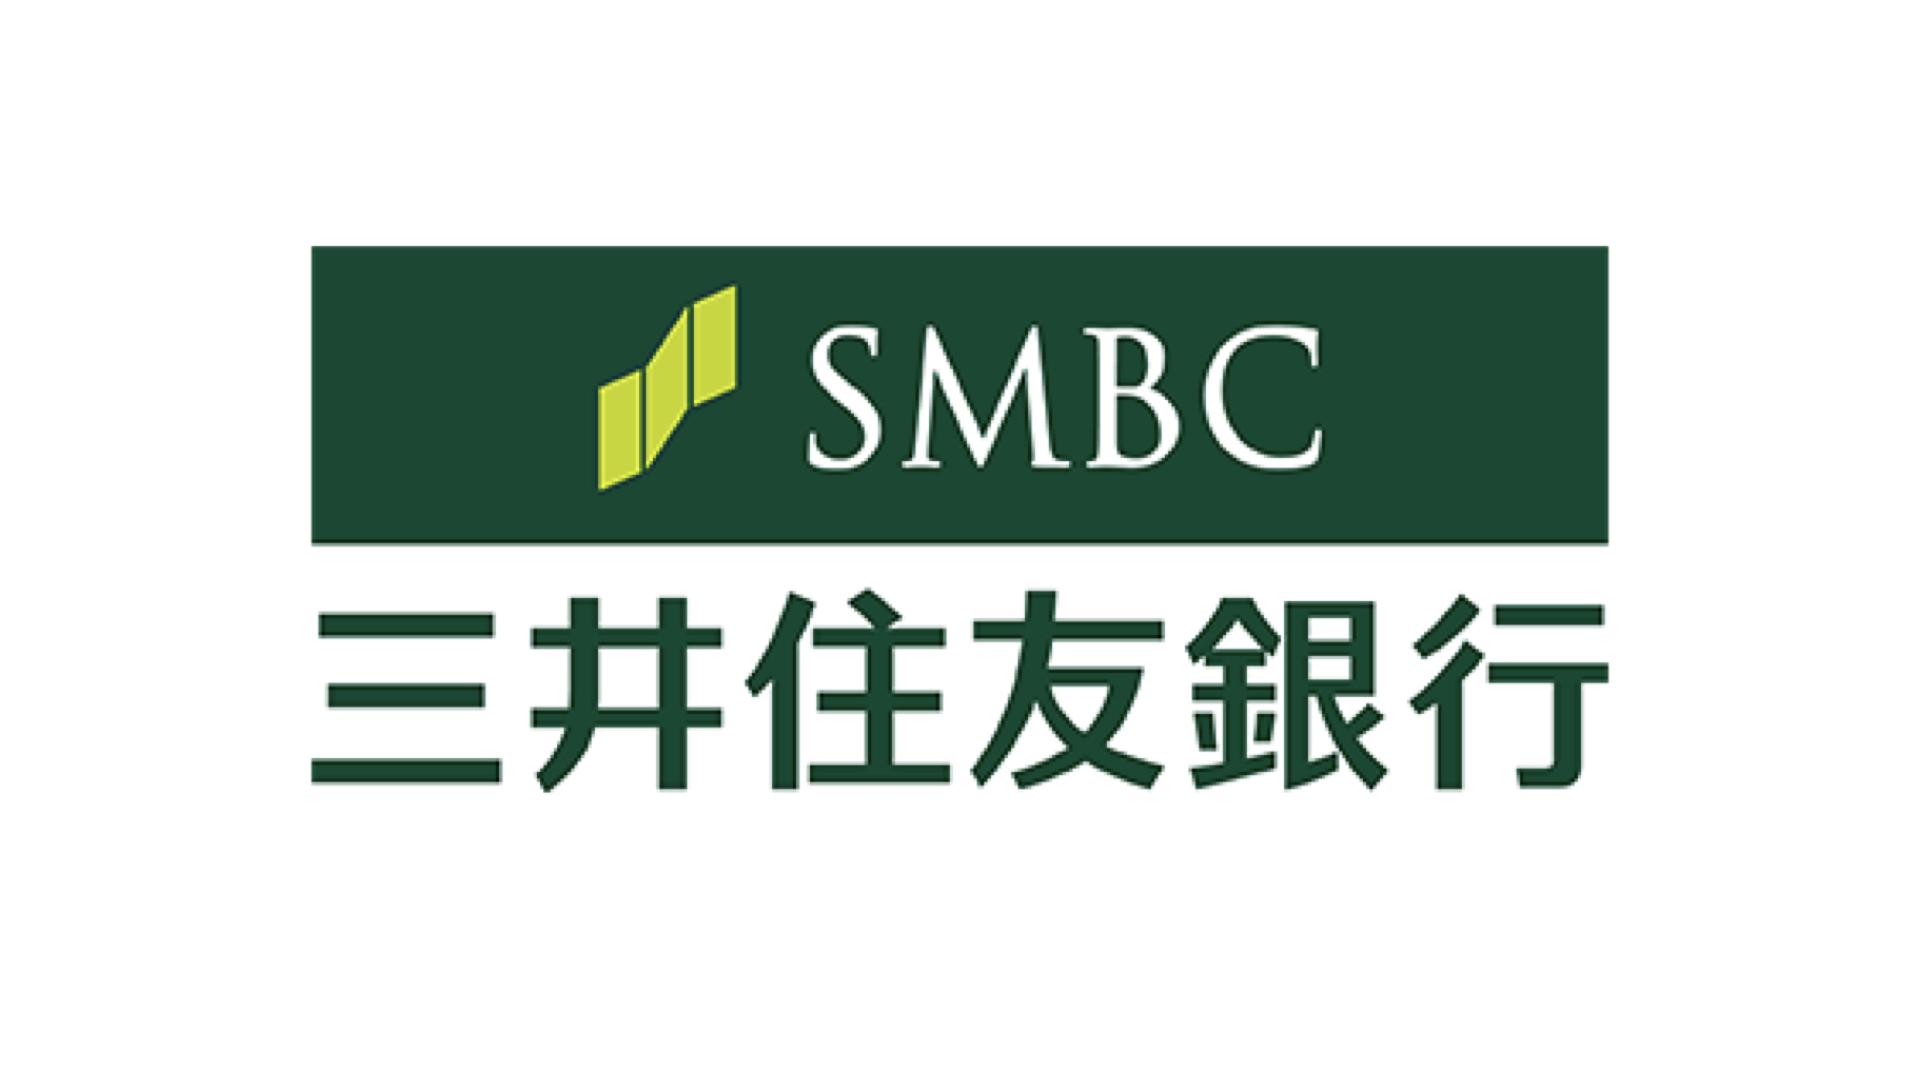 三井住友銀行、夢洲の発展を支援するチームを新設   AGB Nippon